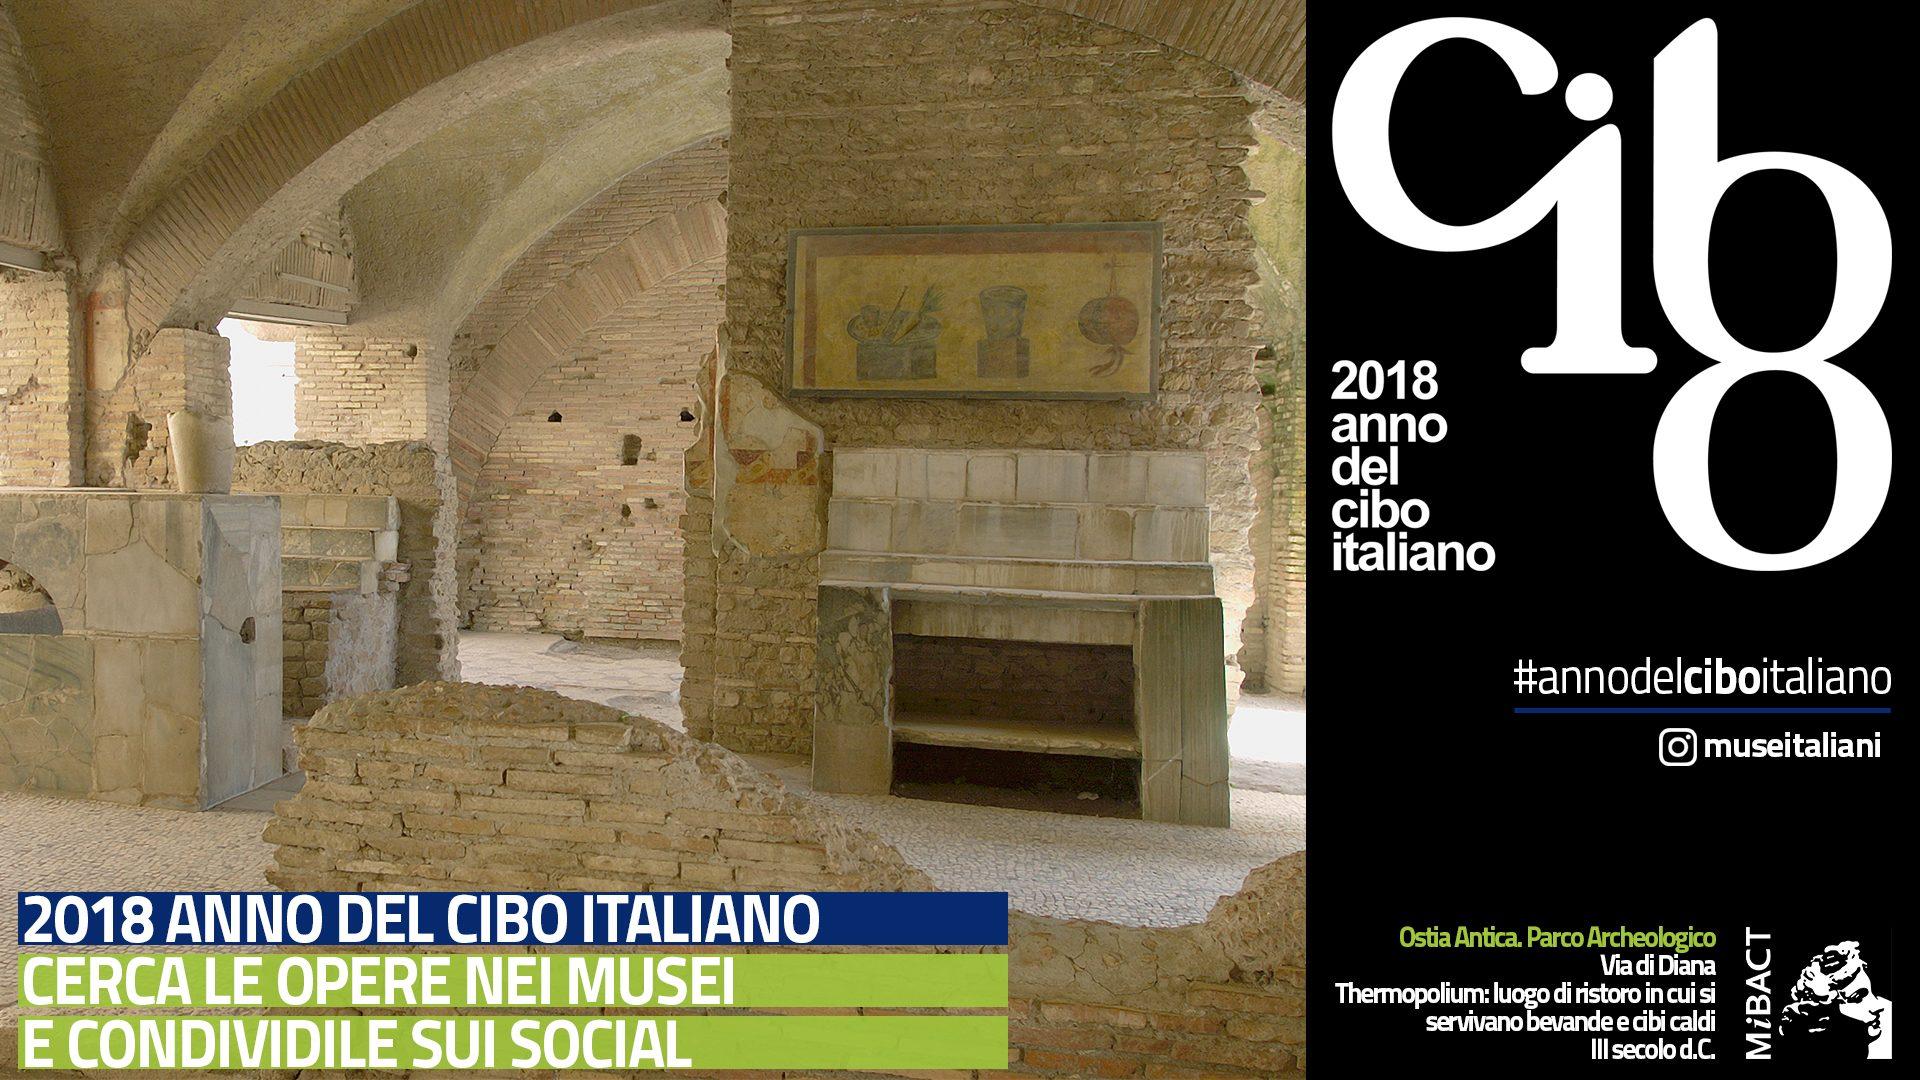 2018-anno-del-cibo_ostia-antica-1920x1080